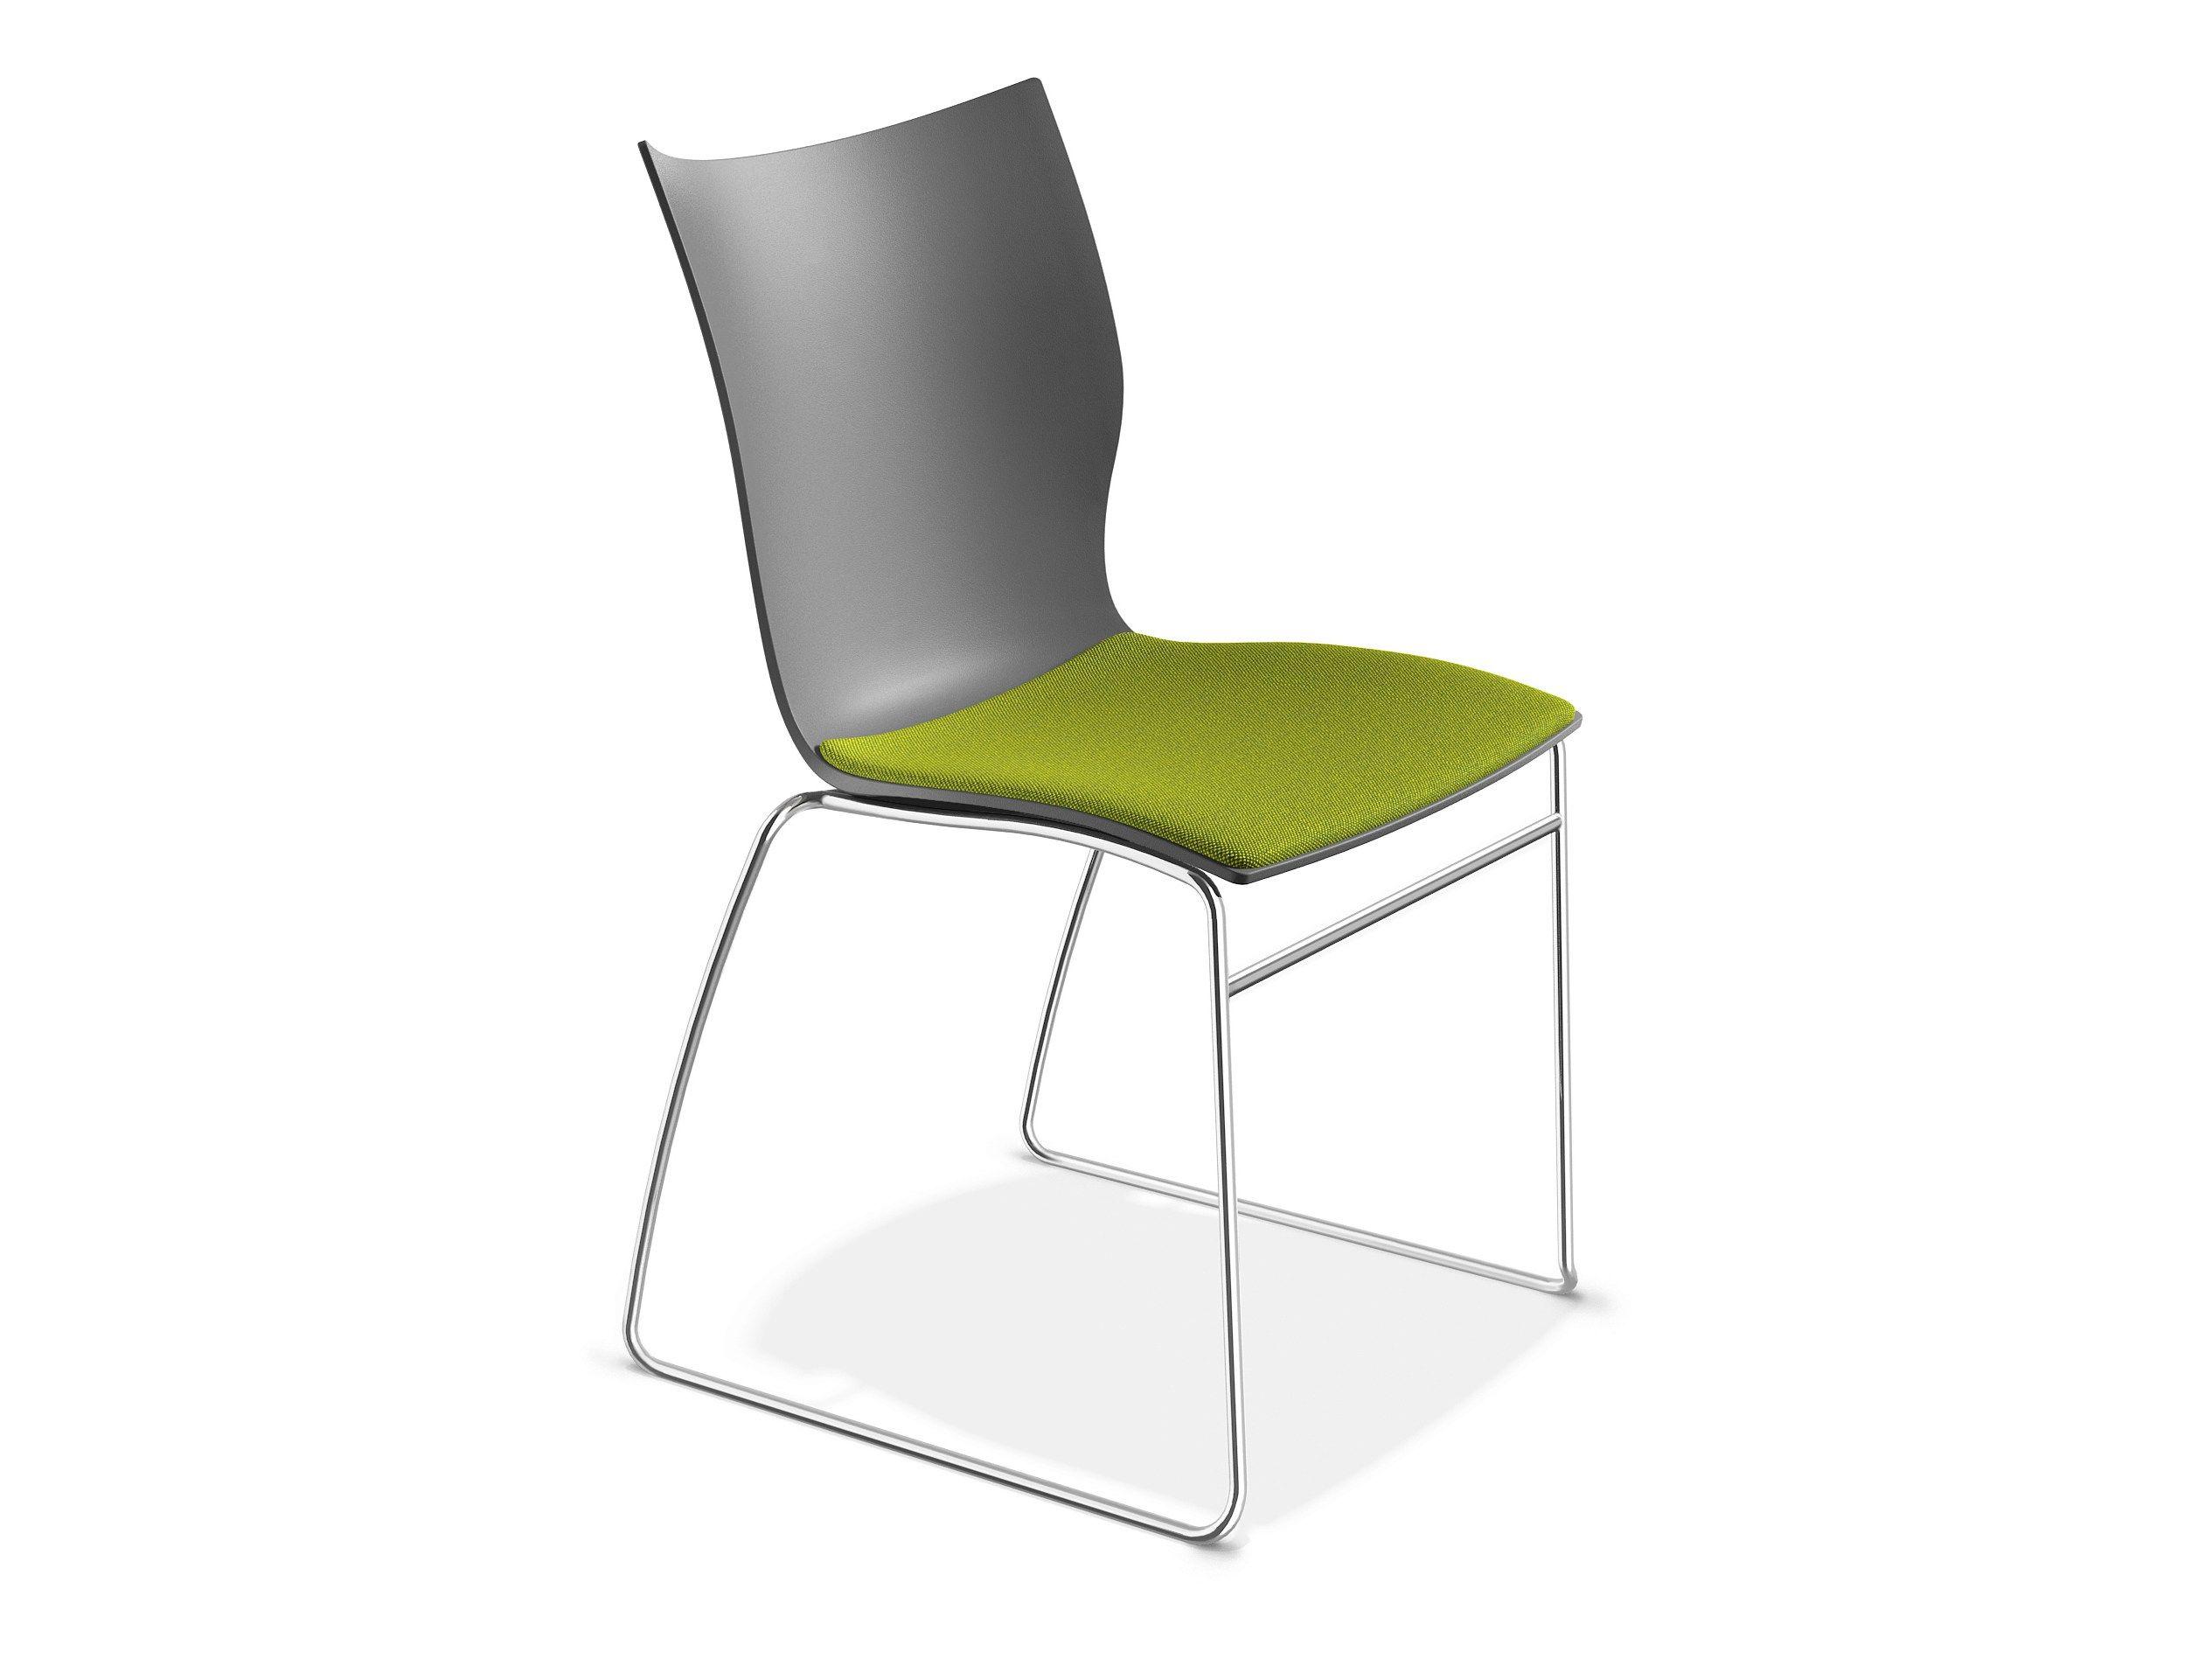 ONYX I Plastic chair by Casala design Kommer Kors